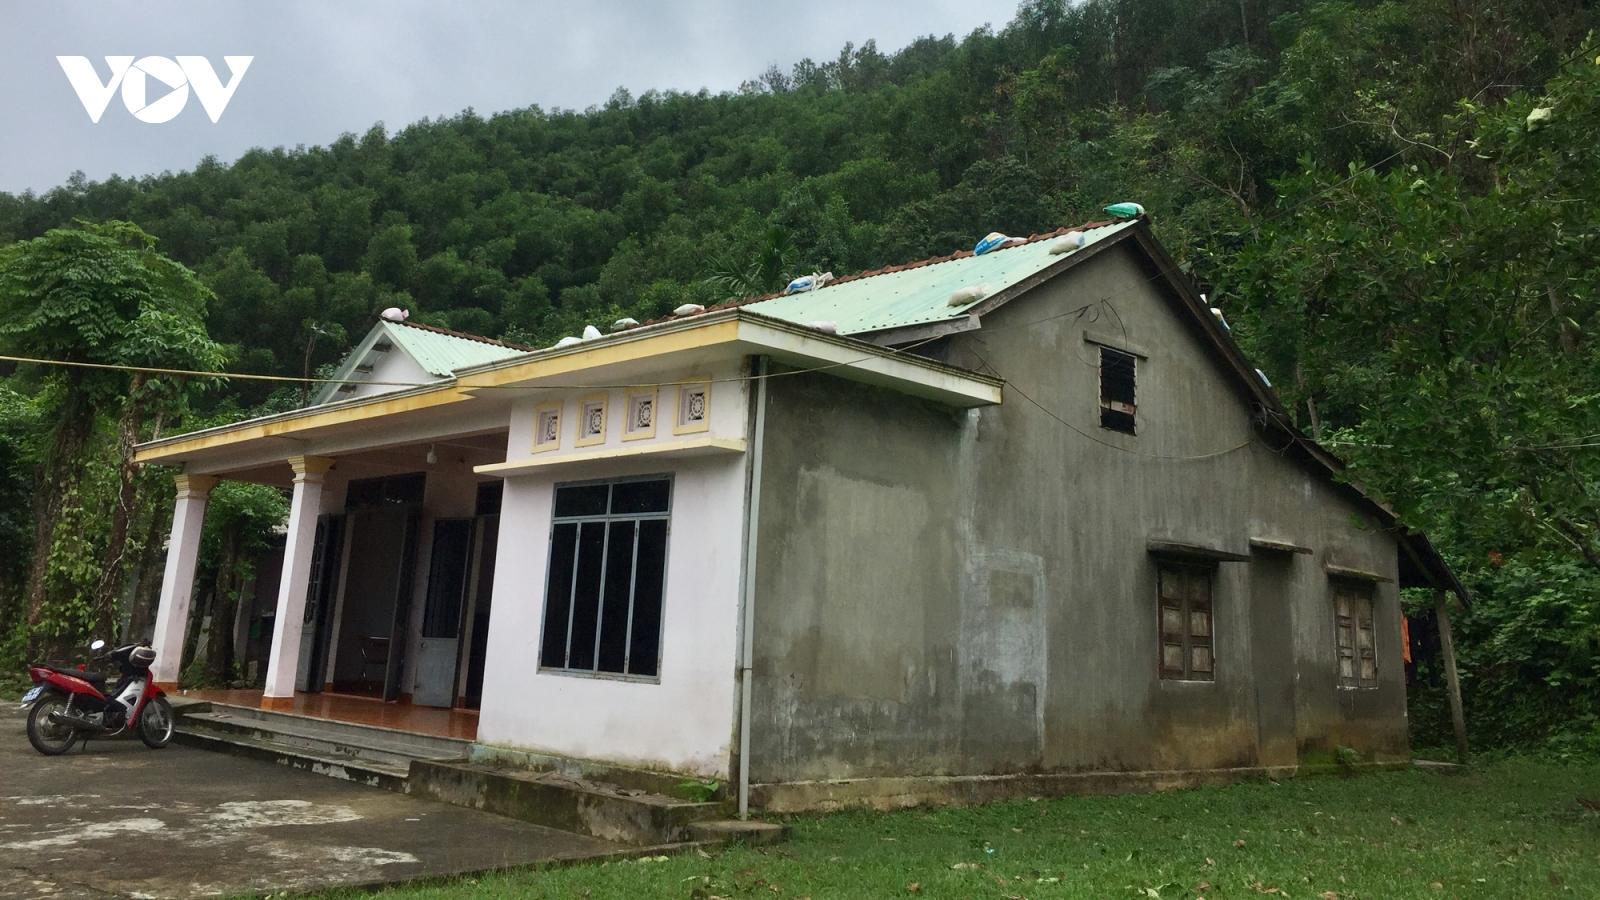 Đà Nẵng: Người dân vùng sạt lở chủ động phòng tránh bão số 10